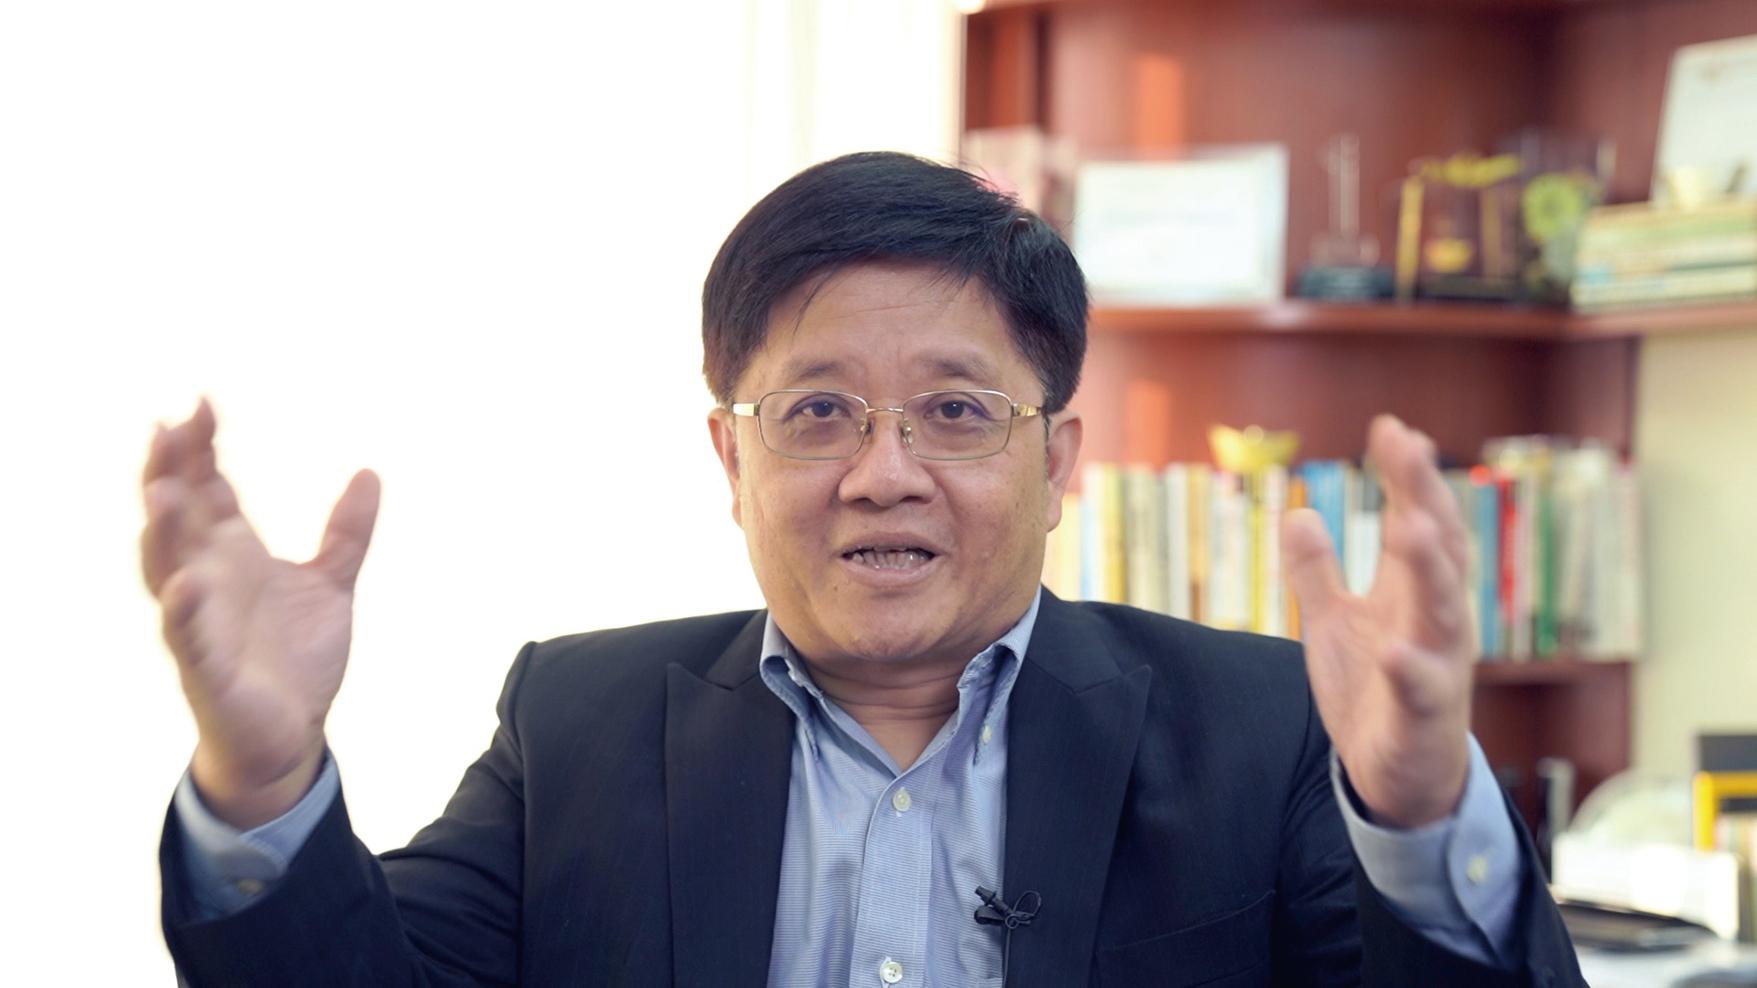 經濟學者、冠域商業及經濟研究中心主任關焯照。(梁珍/大紀元)